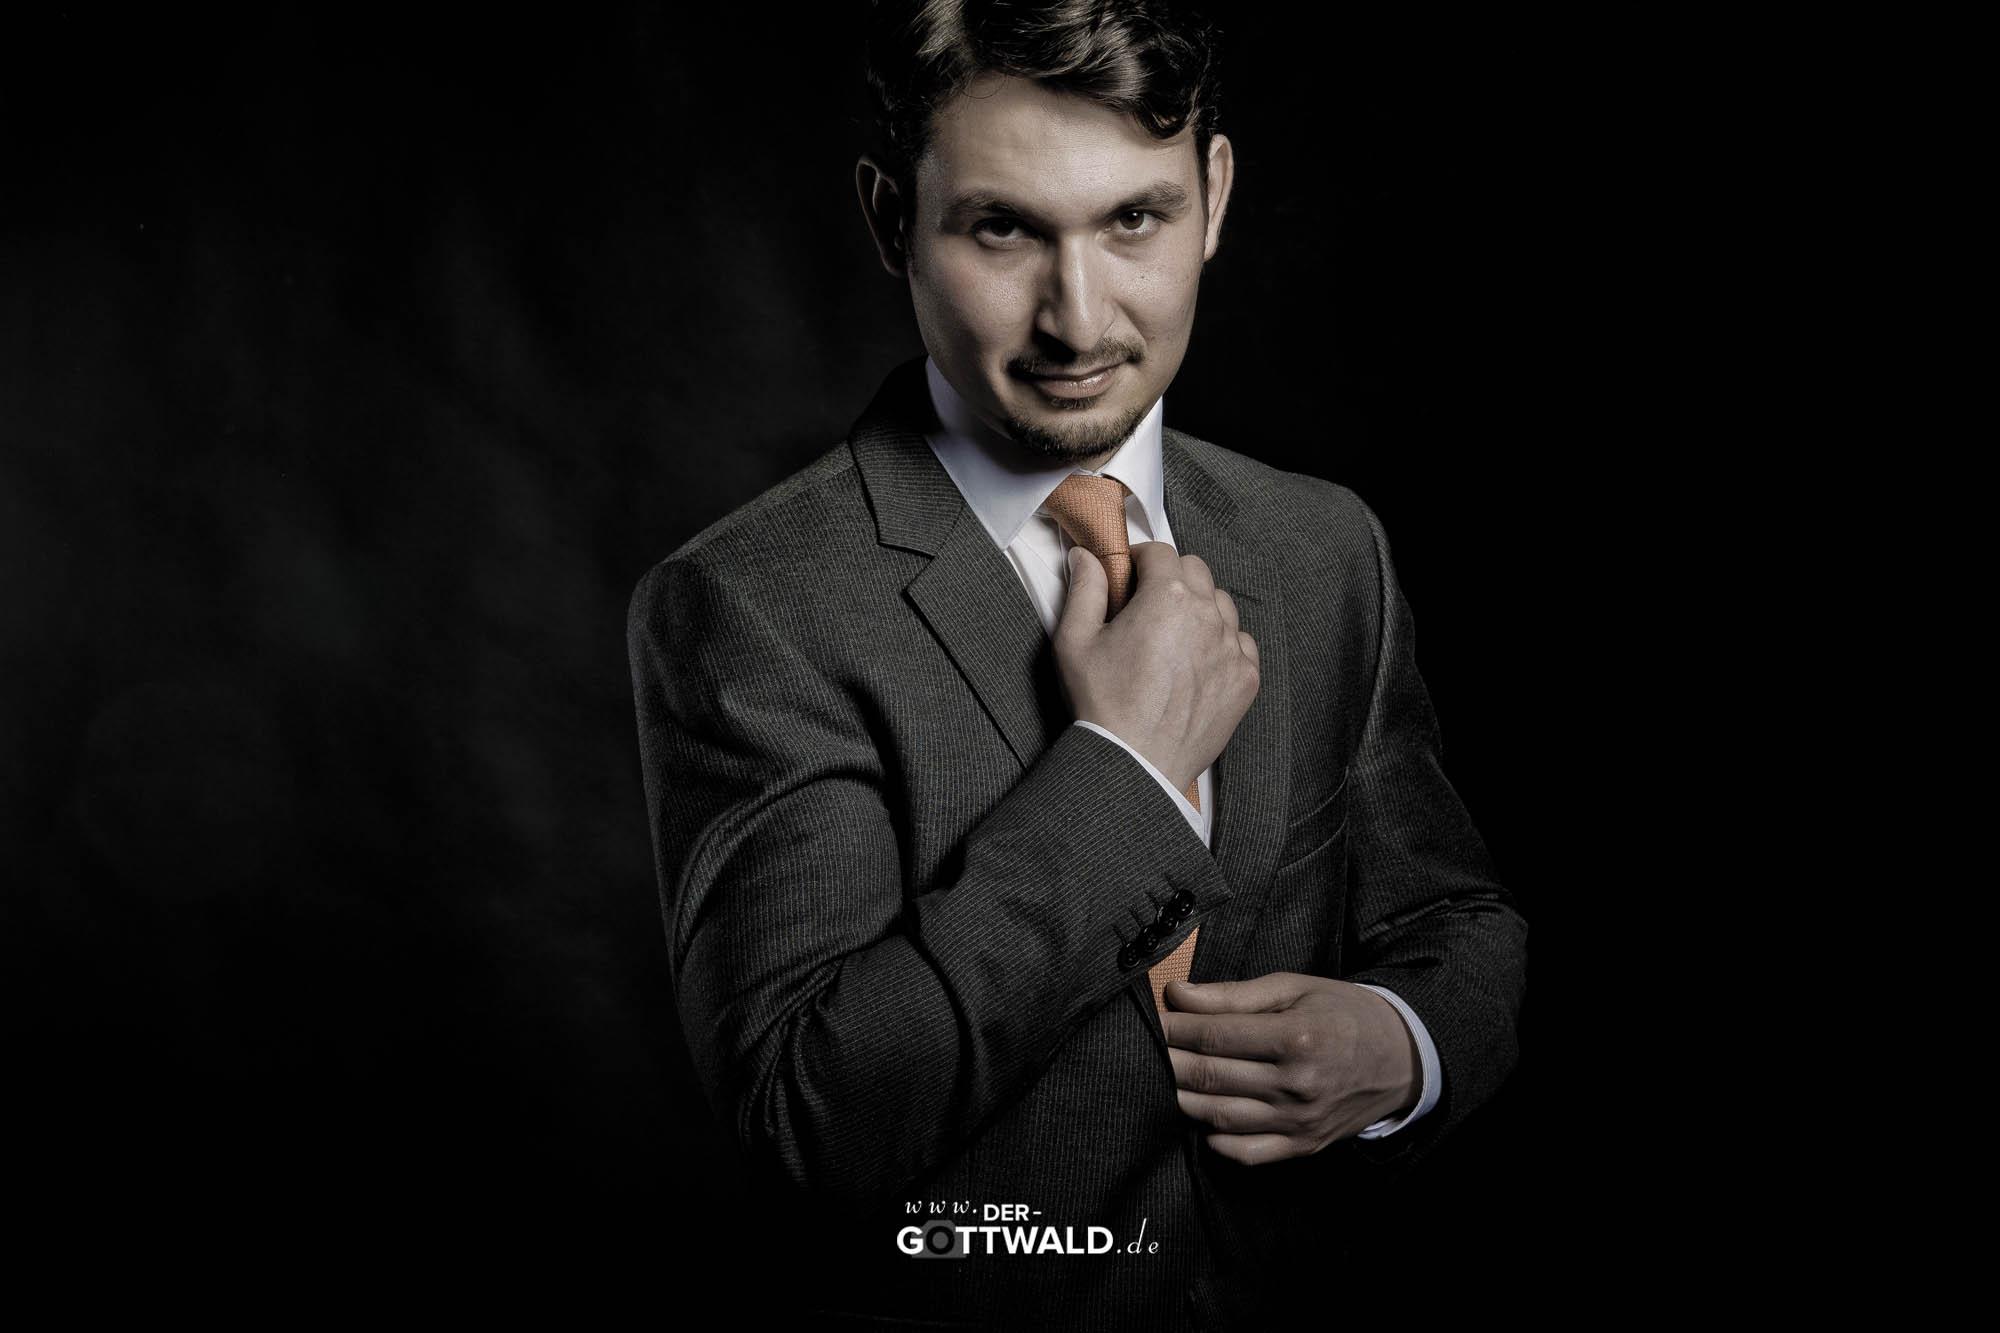 der-gottwaldDE - Business-Portrait 08.jpg